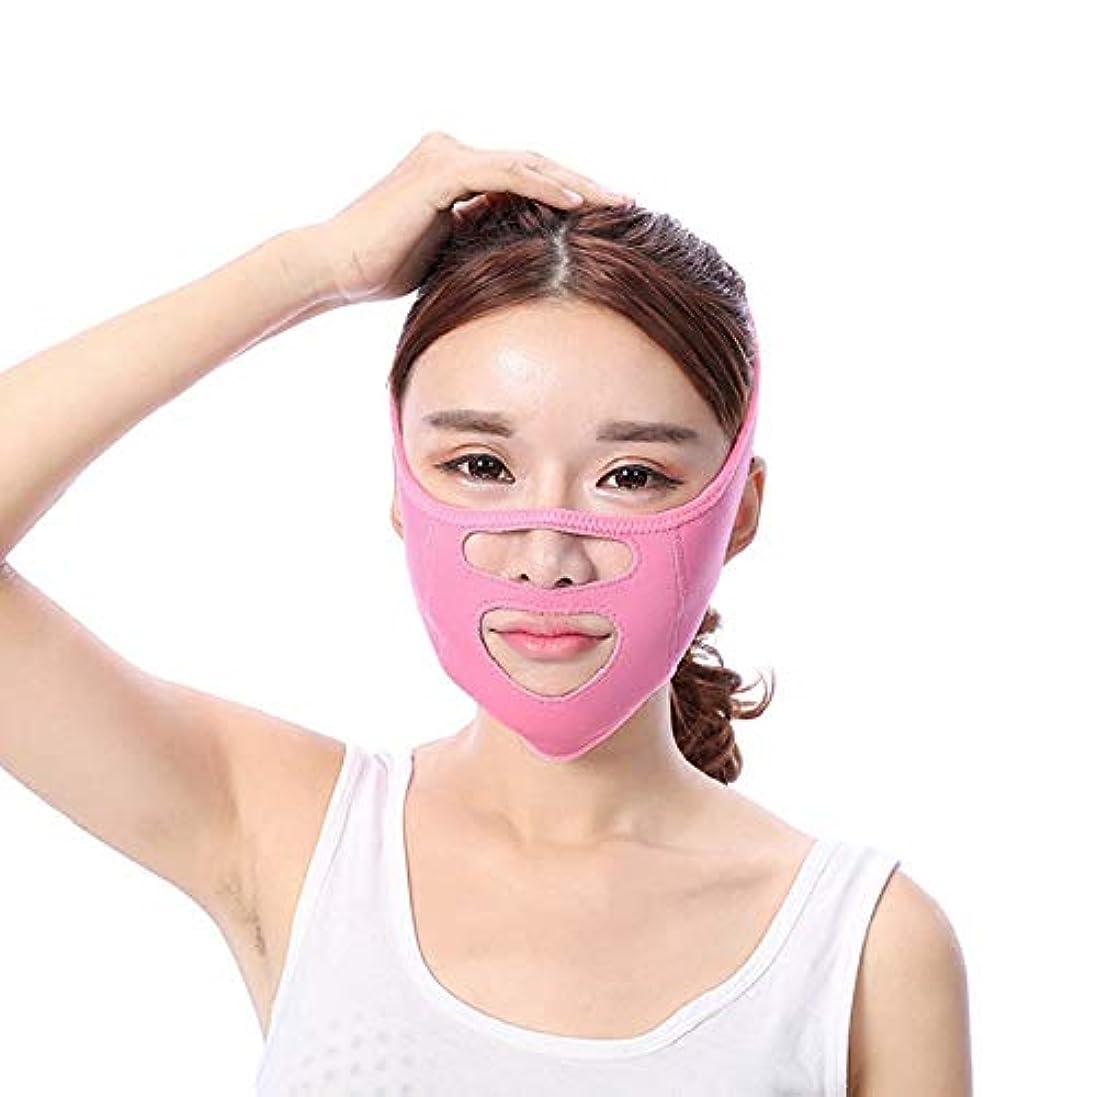 ディスパッチ空のしわJia Jia- 顔の持ち上がる痩身ベルト - あなたの顔のための素晴らしいトレーニング二重あごのワークアウトフェイスマスクベルト薄い顔包帯整形マスクは顔と首を締めますフェイススリム 顔面包帯